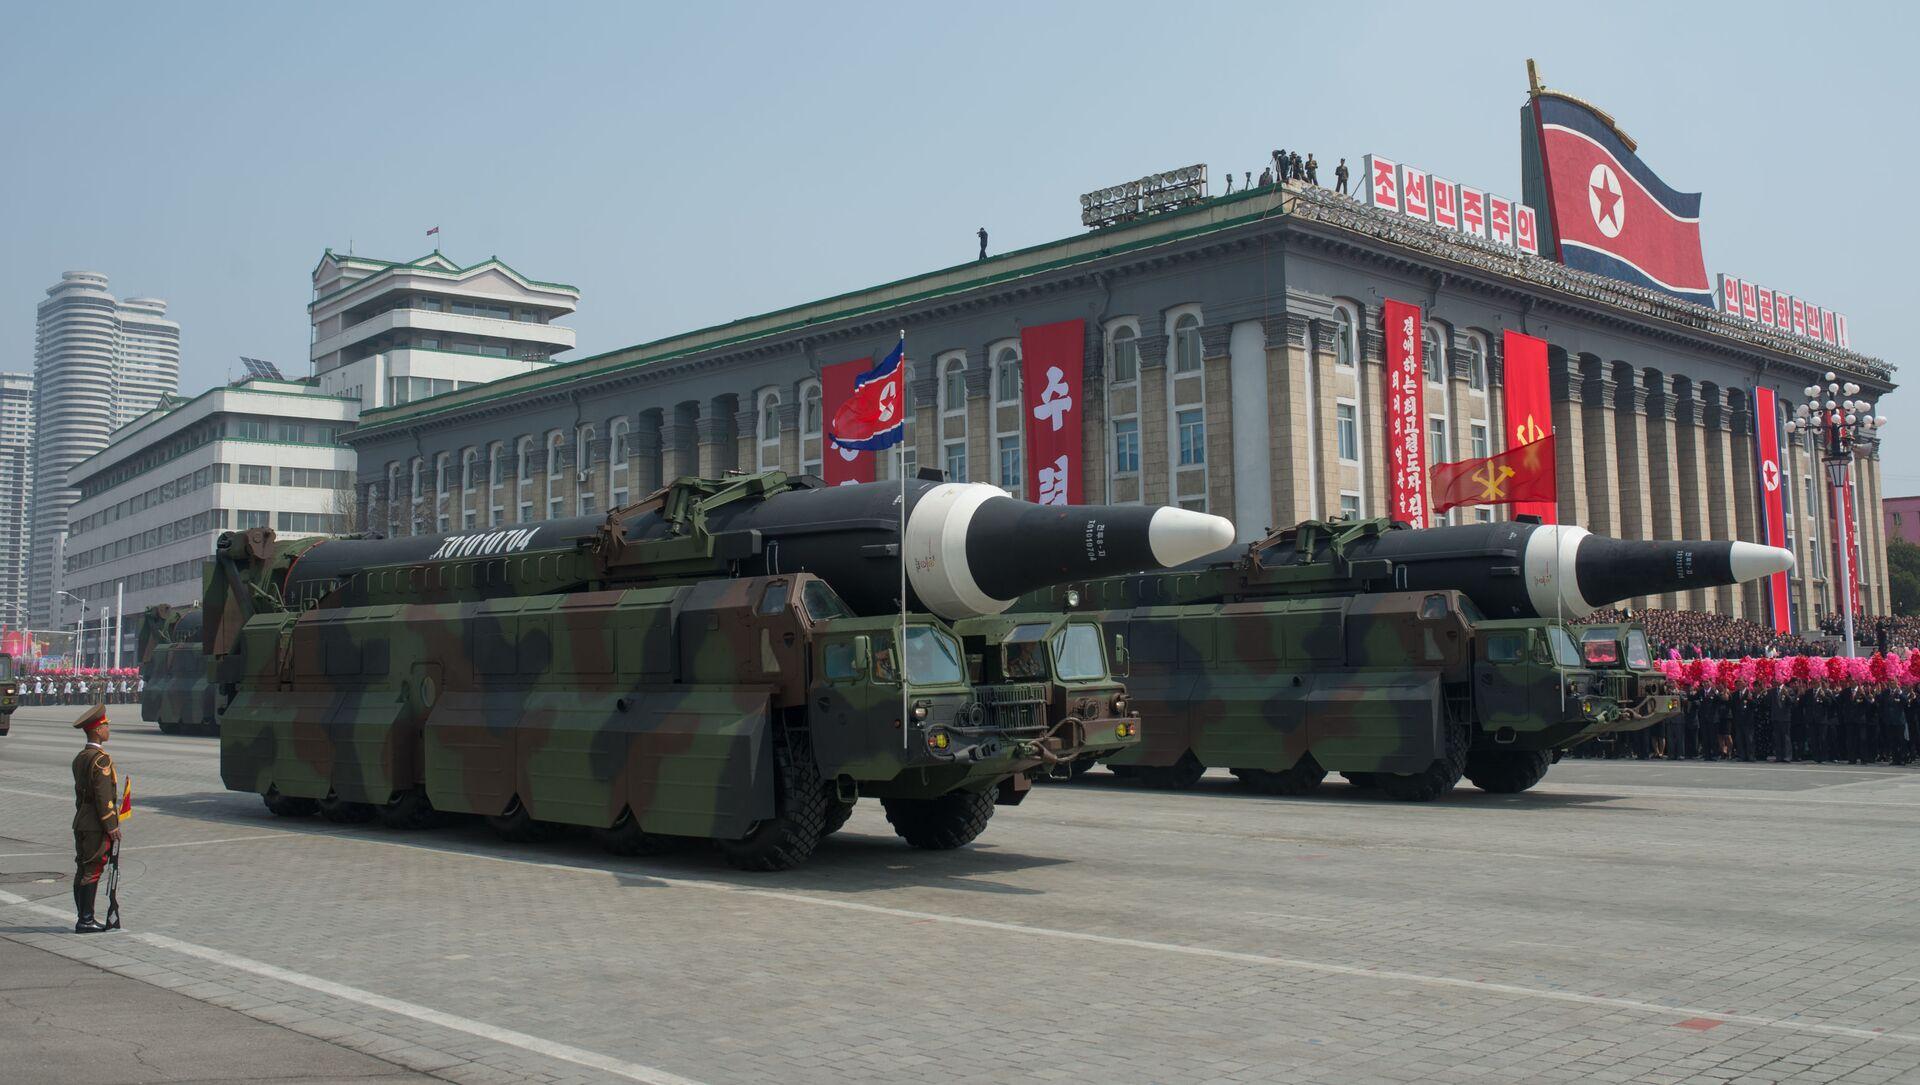 Пусковые установки баллистических ракет средней дальности Nodong Корейской народной армии во время парада на 105-ю годовщину со дня рождения Ким Ир Сена - Sputnik 日本, 1920, 29.09.2021